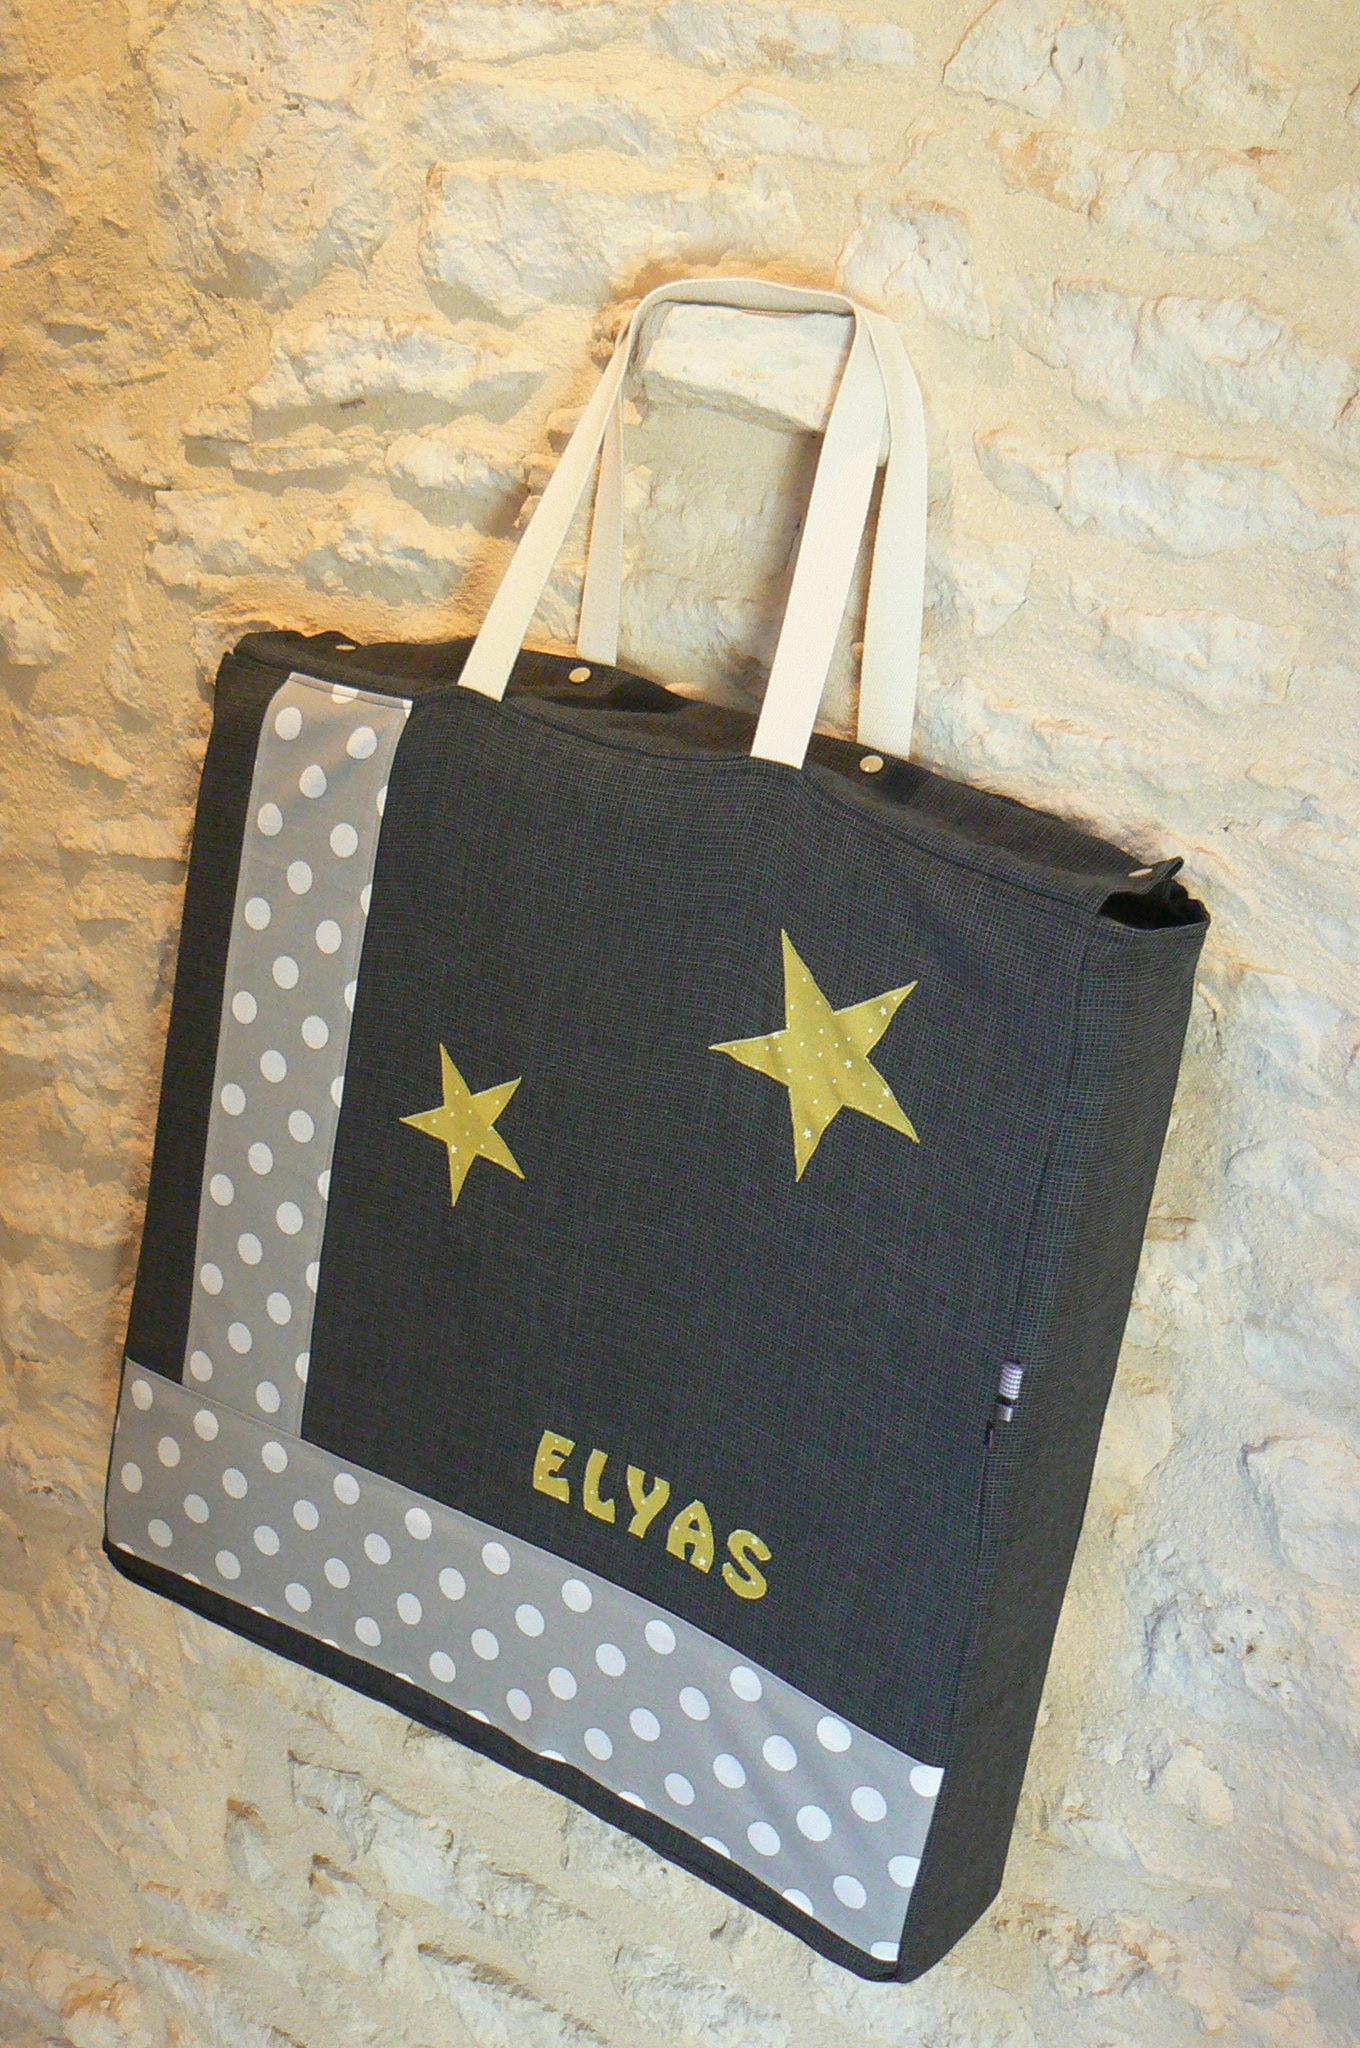 un joli sac pour le matelas du lit parapluie d elyas mes petites coutures. Black Bedroom Furniture Sets. Home Design Ideas